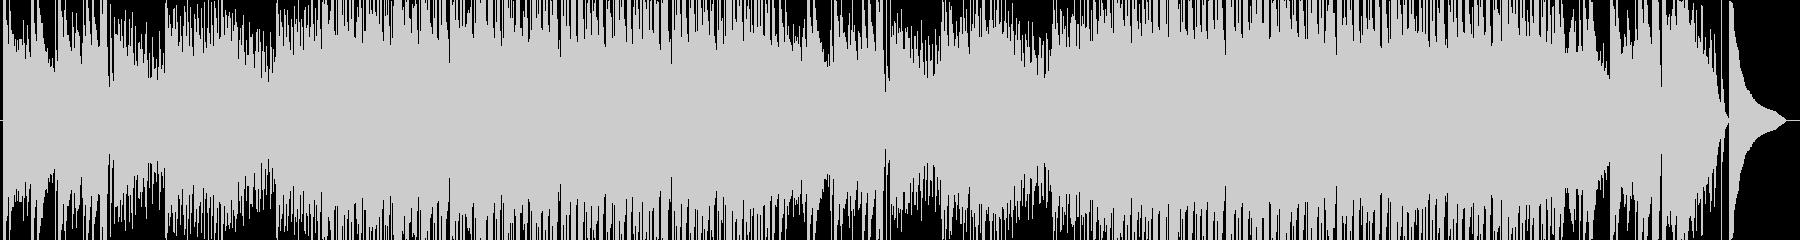 速いピアノジャズの未再生の波形